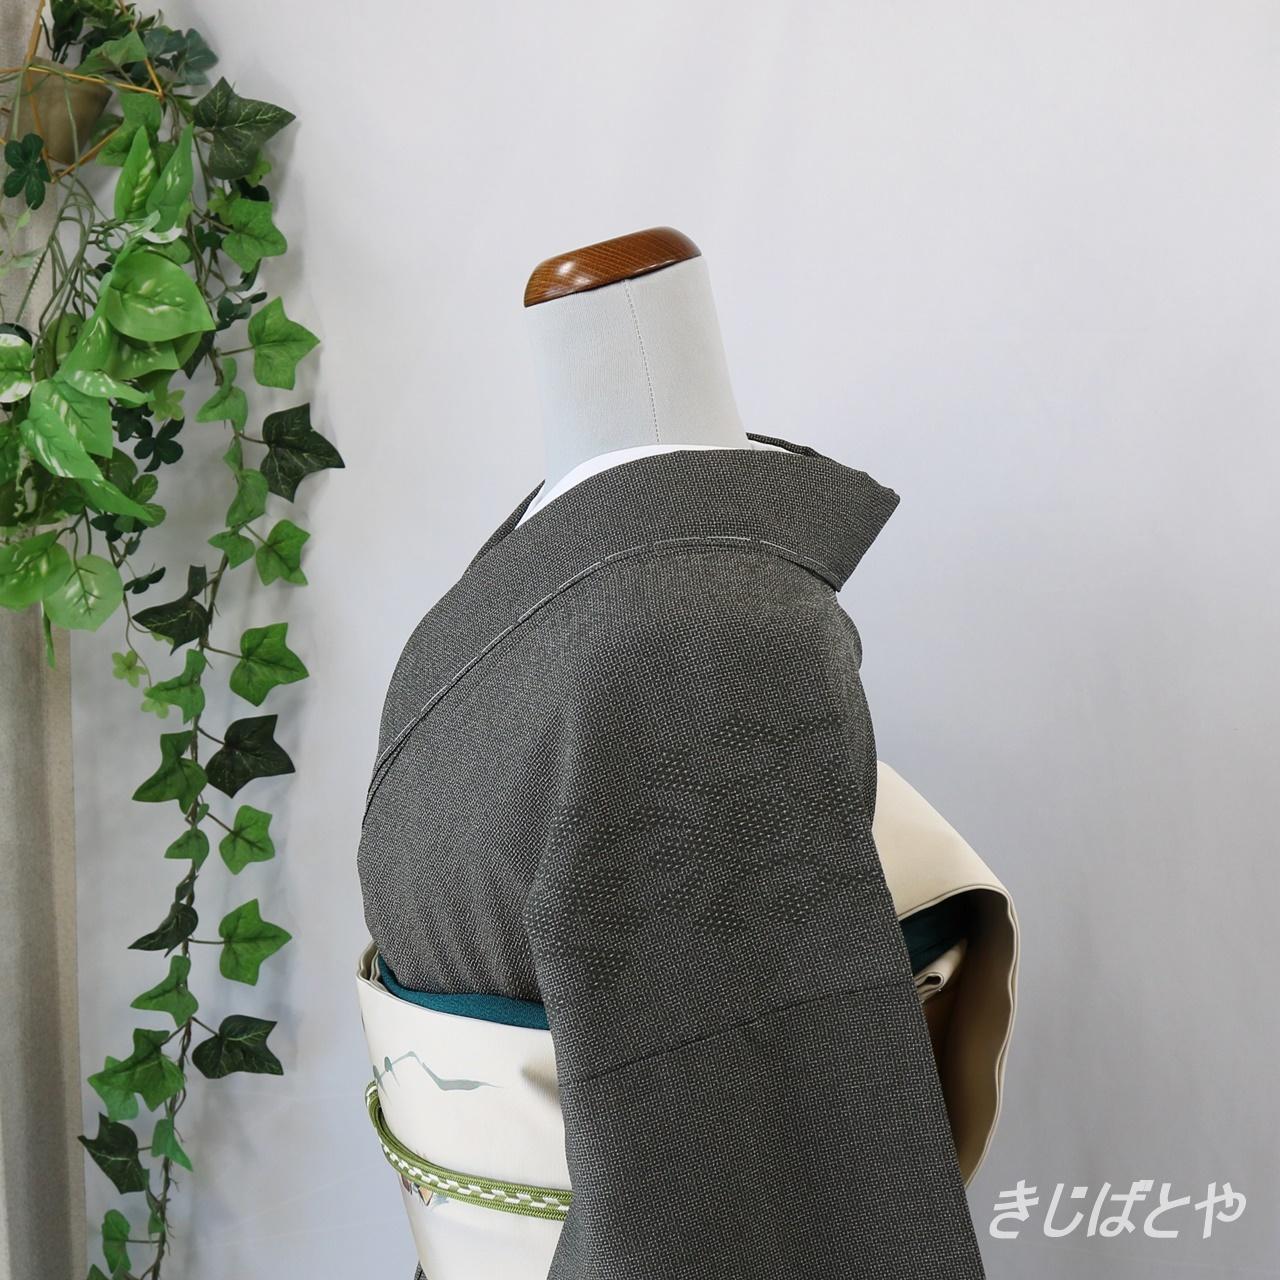 塩沢紬 鈍色の織り模様 袷